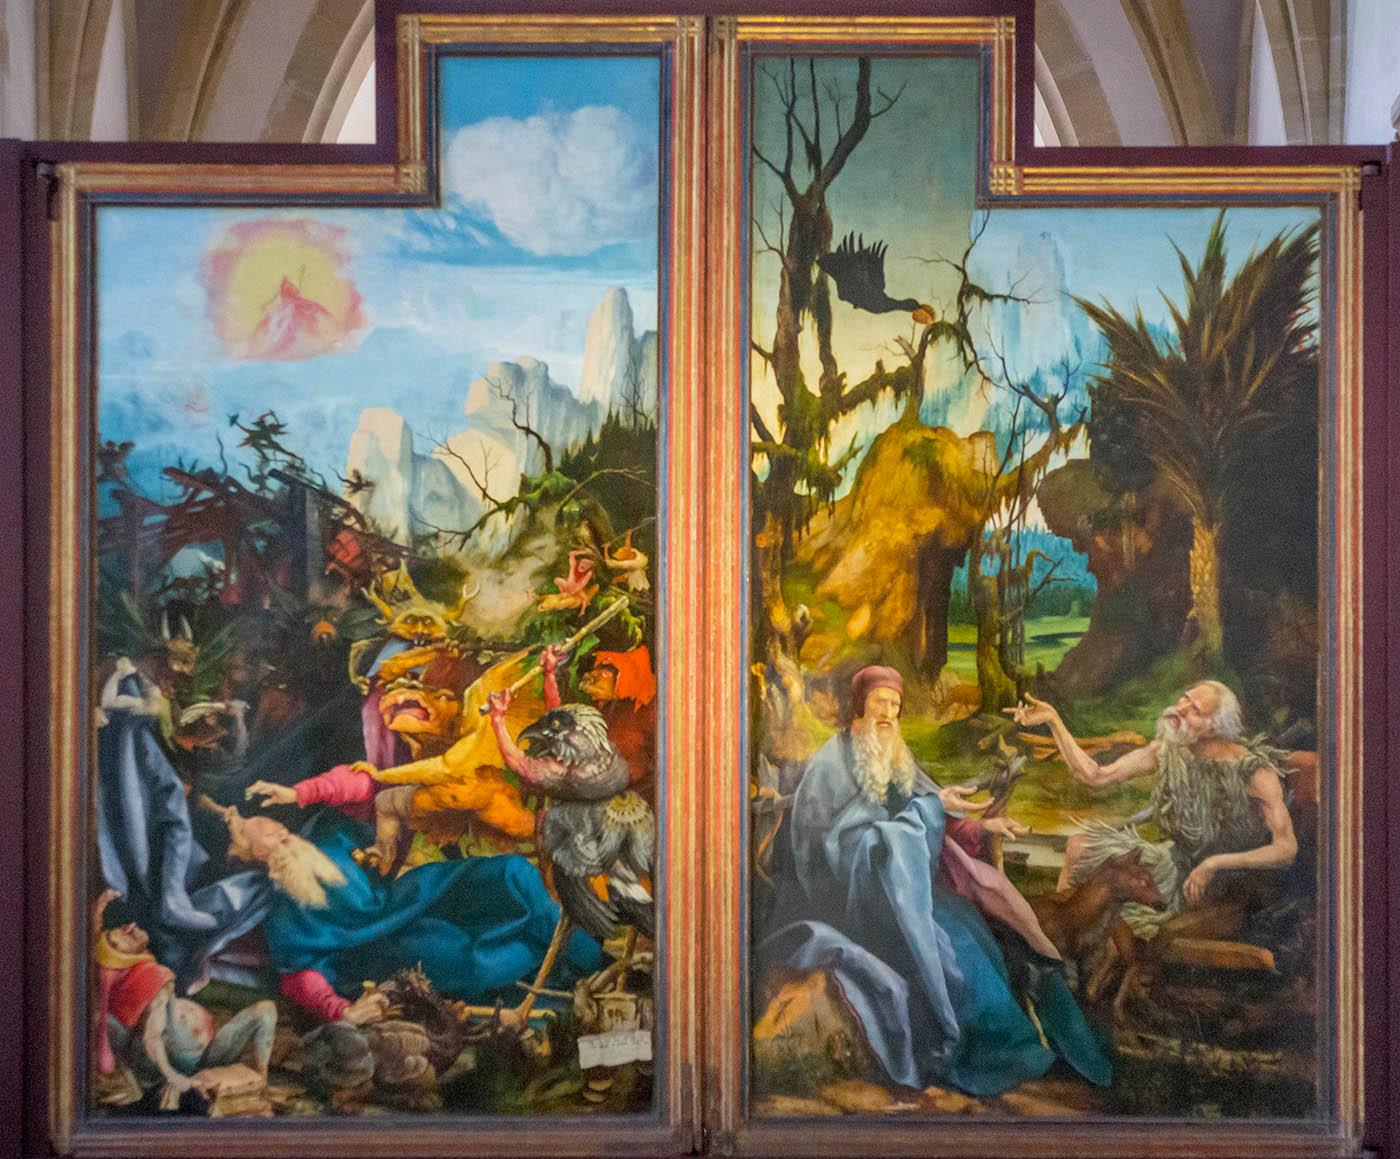 Retable d'Issenheim - La tentation de Saint Antoine Musée Unterlinden, Colmar, Alsace / www.musee-unterlinden.com Crédit photo : Office de tourisme de Colmar